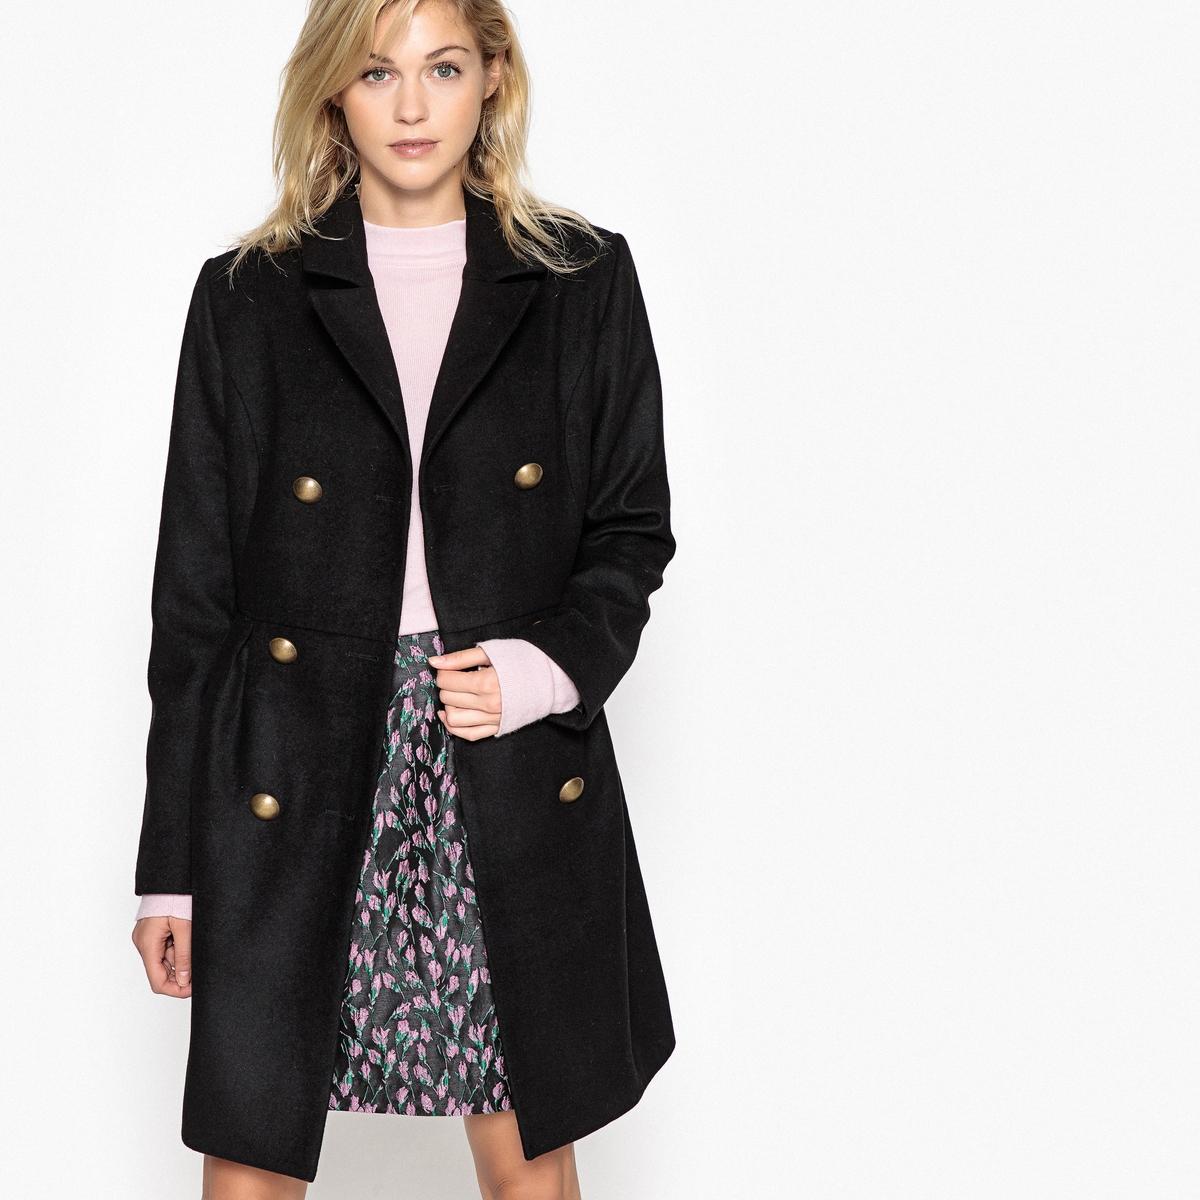 Пальто приталенное с двубортной застежкой на пуговицы приталенное платье с застежкой на пуговицы пояс gf ferre приталенное платье с застежкой на пуговицы пояс